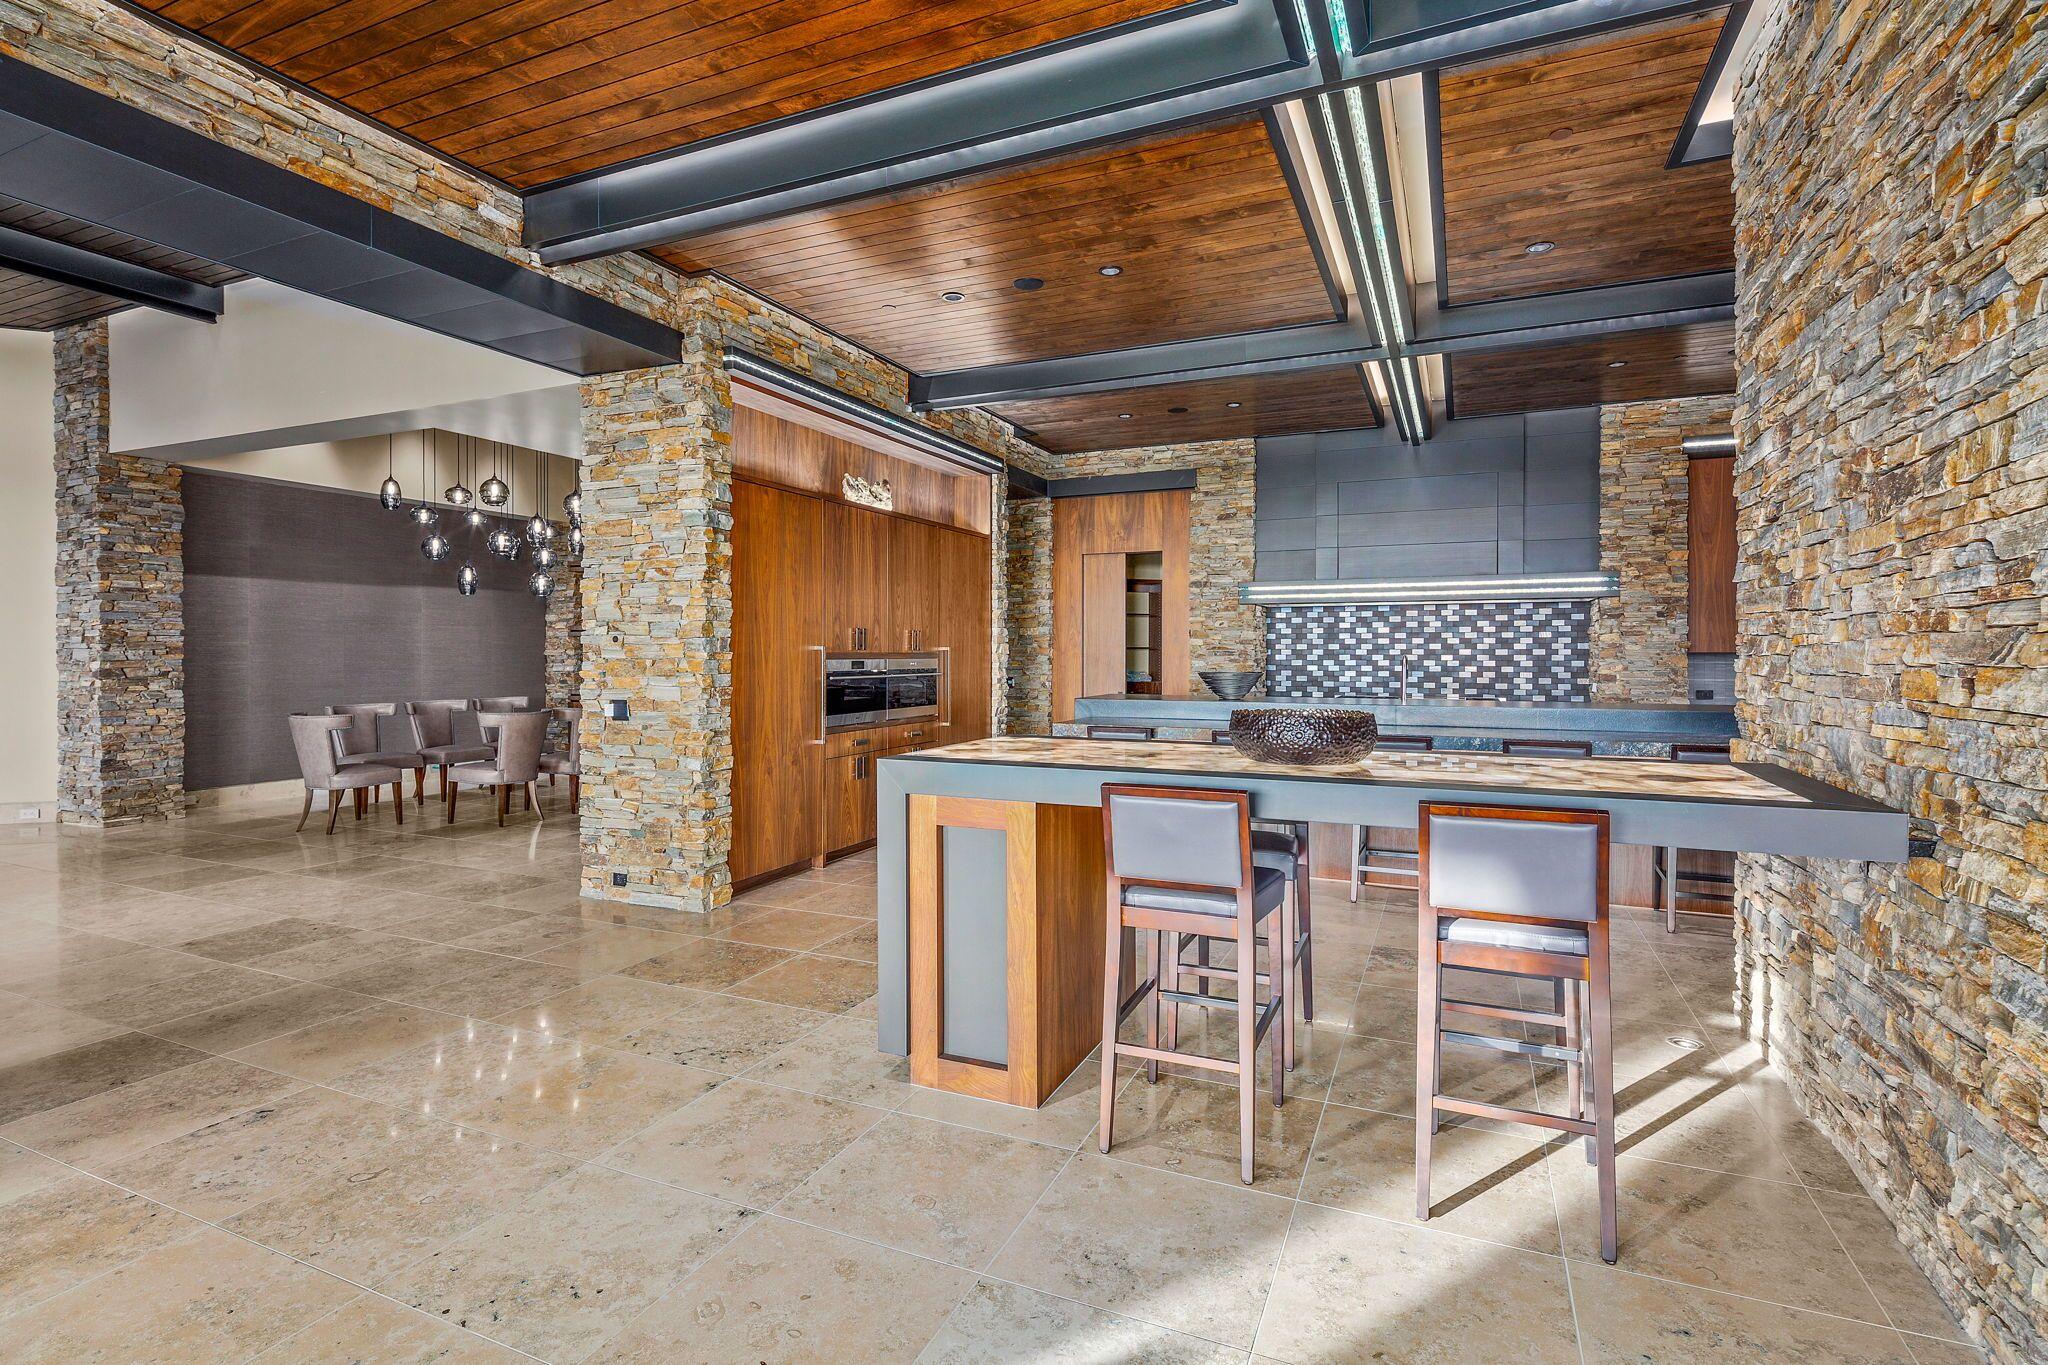 9300+E+Grapevine+Pass+Scottsdale-17-WebQuality-Kitchen+_7E+Dining+Room.jpg